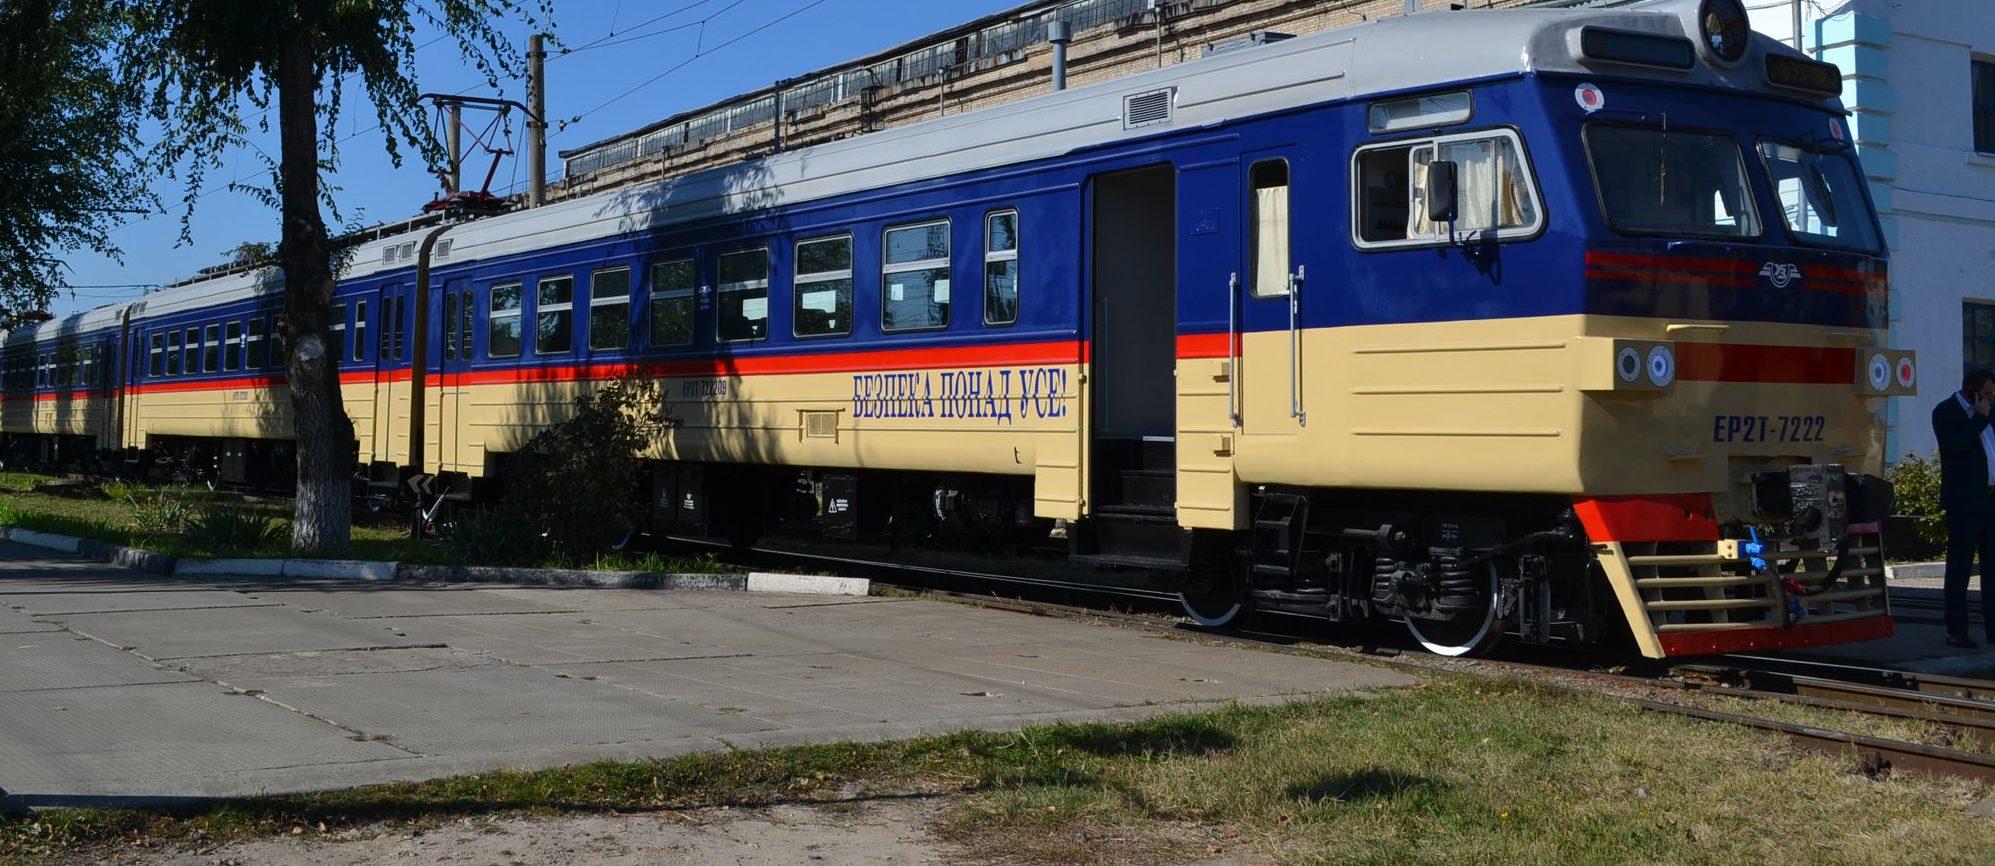 """""""Укрзалізниця"""" запустить оновлений електропоїзд до Мелітополя – Индустриалка"""